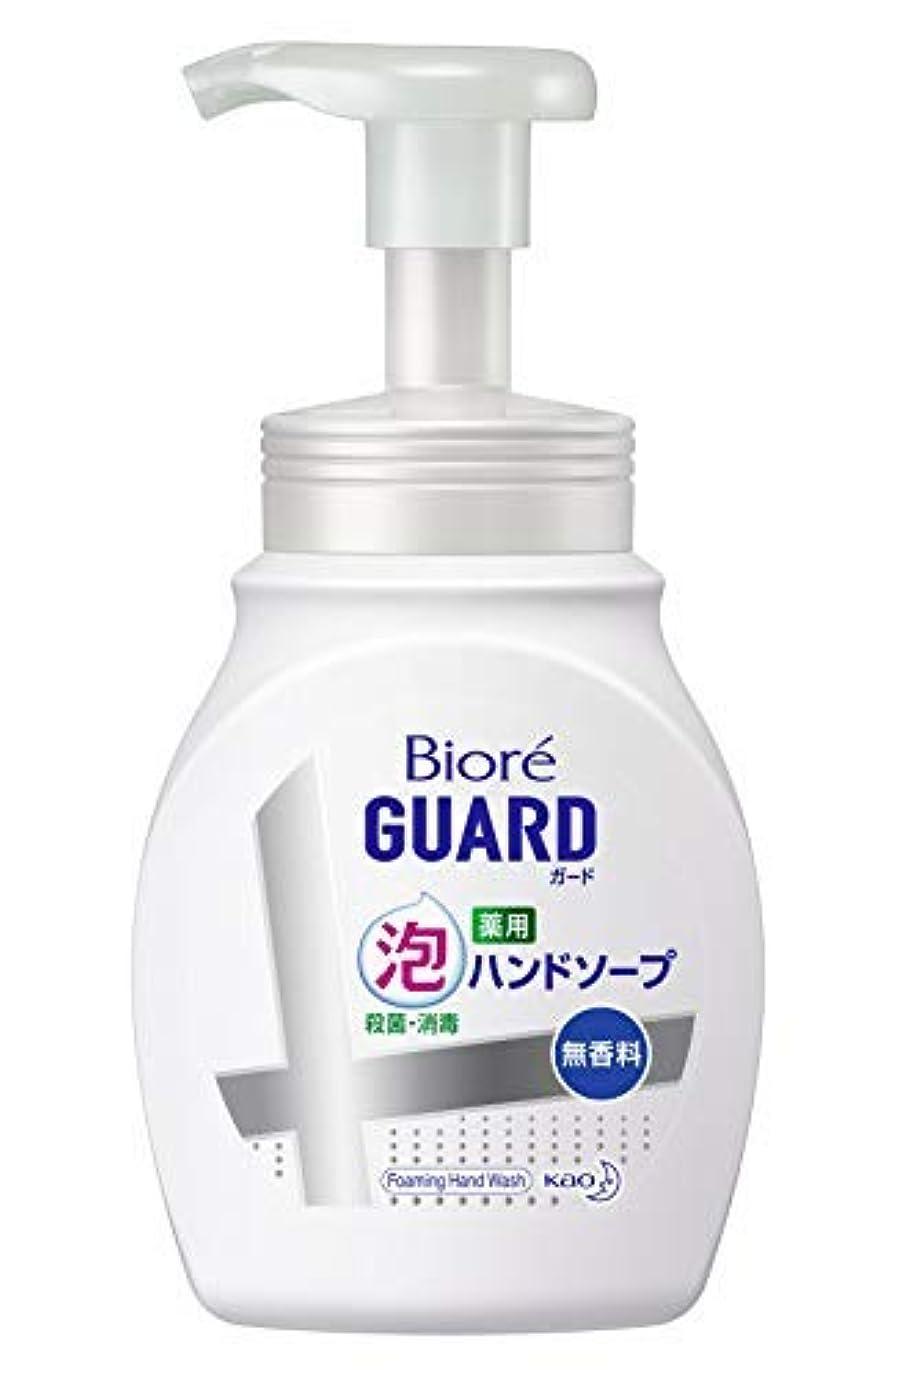 メディアアサー調整可能花王 ビオレガード 薬用泡ハンドソープ 無香料 ポンプ 250ml × 3個セット